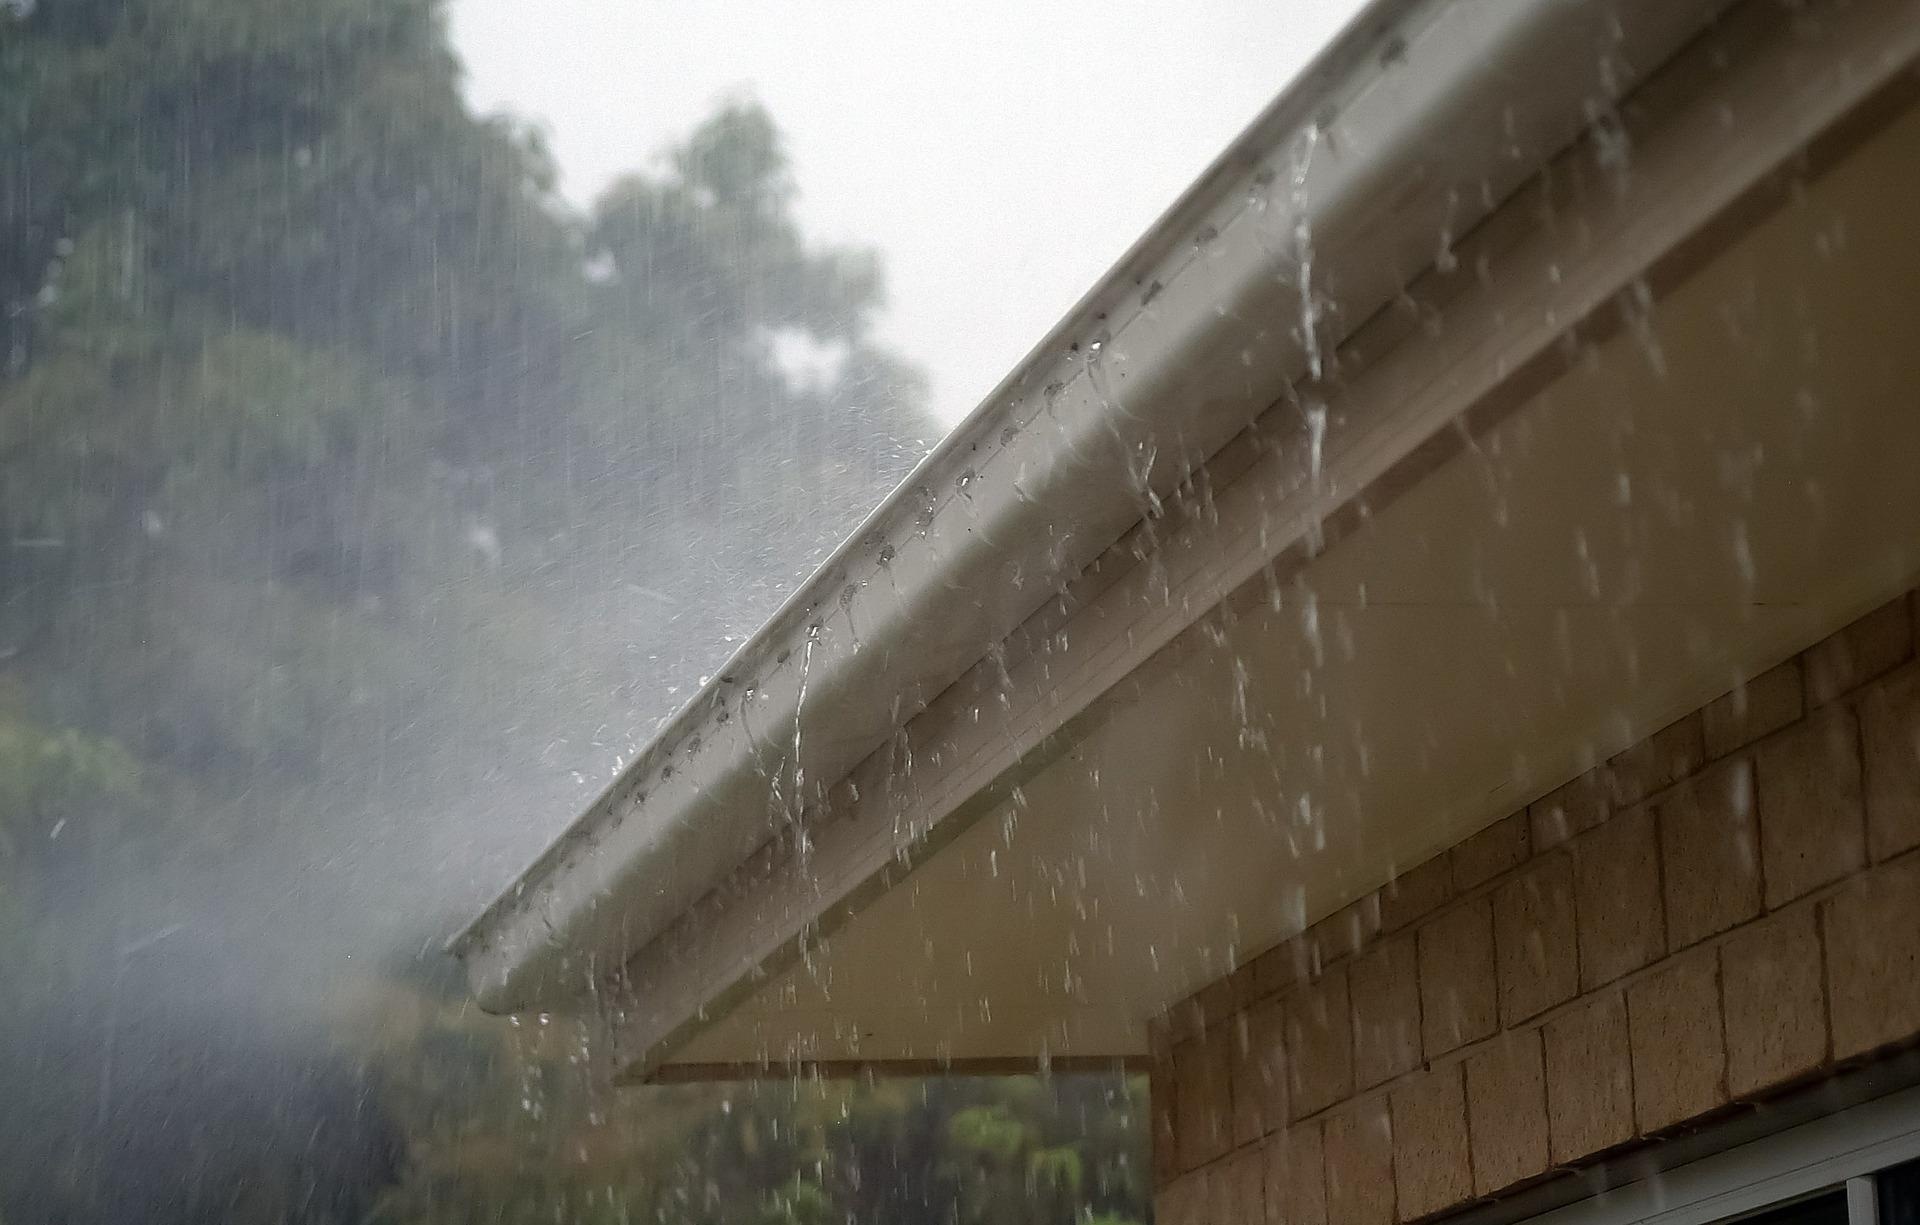 Osuszanie dachu płaskiego, przecieka dach co robić, wilgoć w dachu